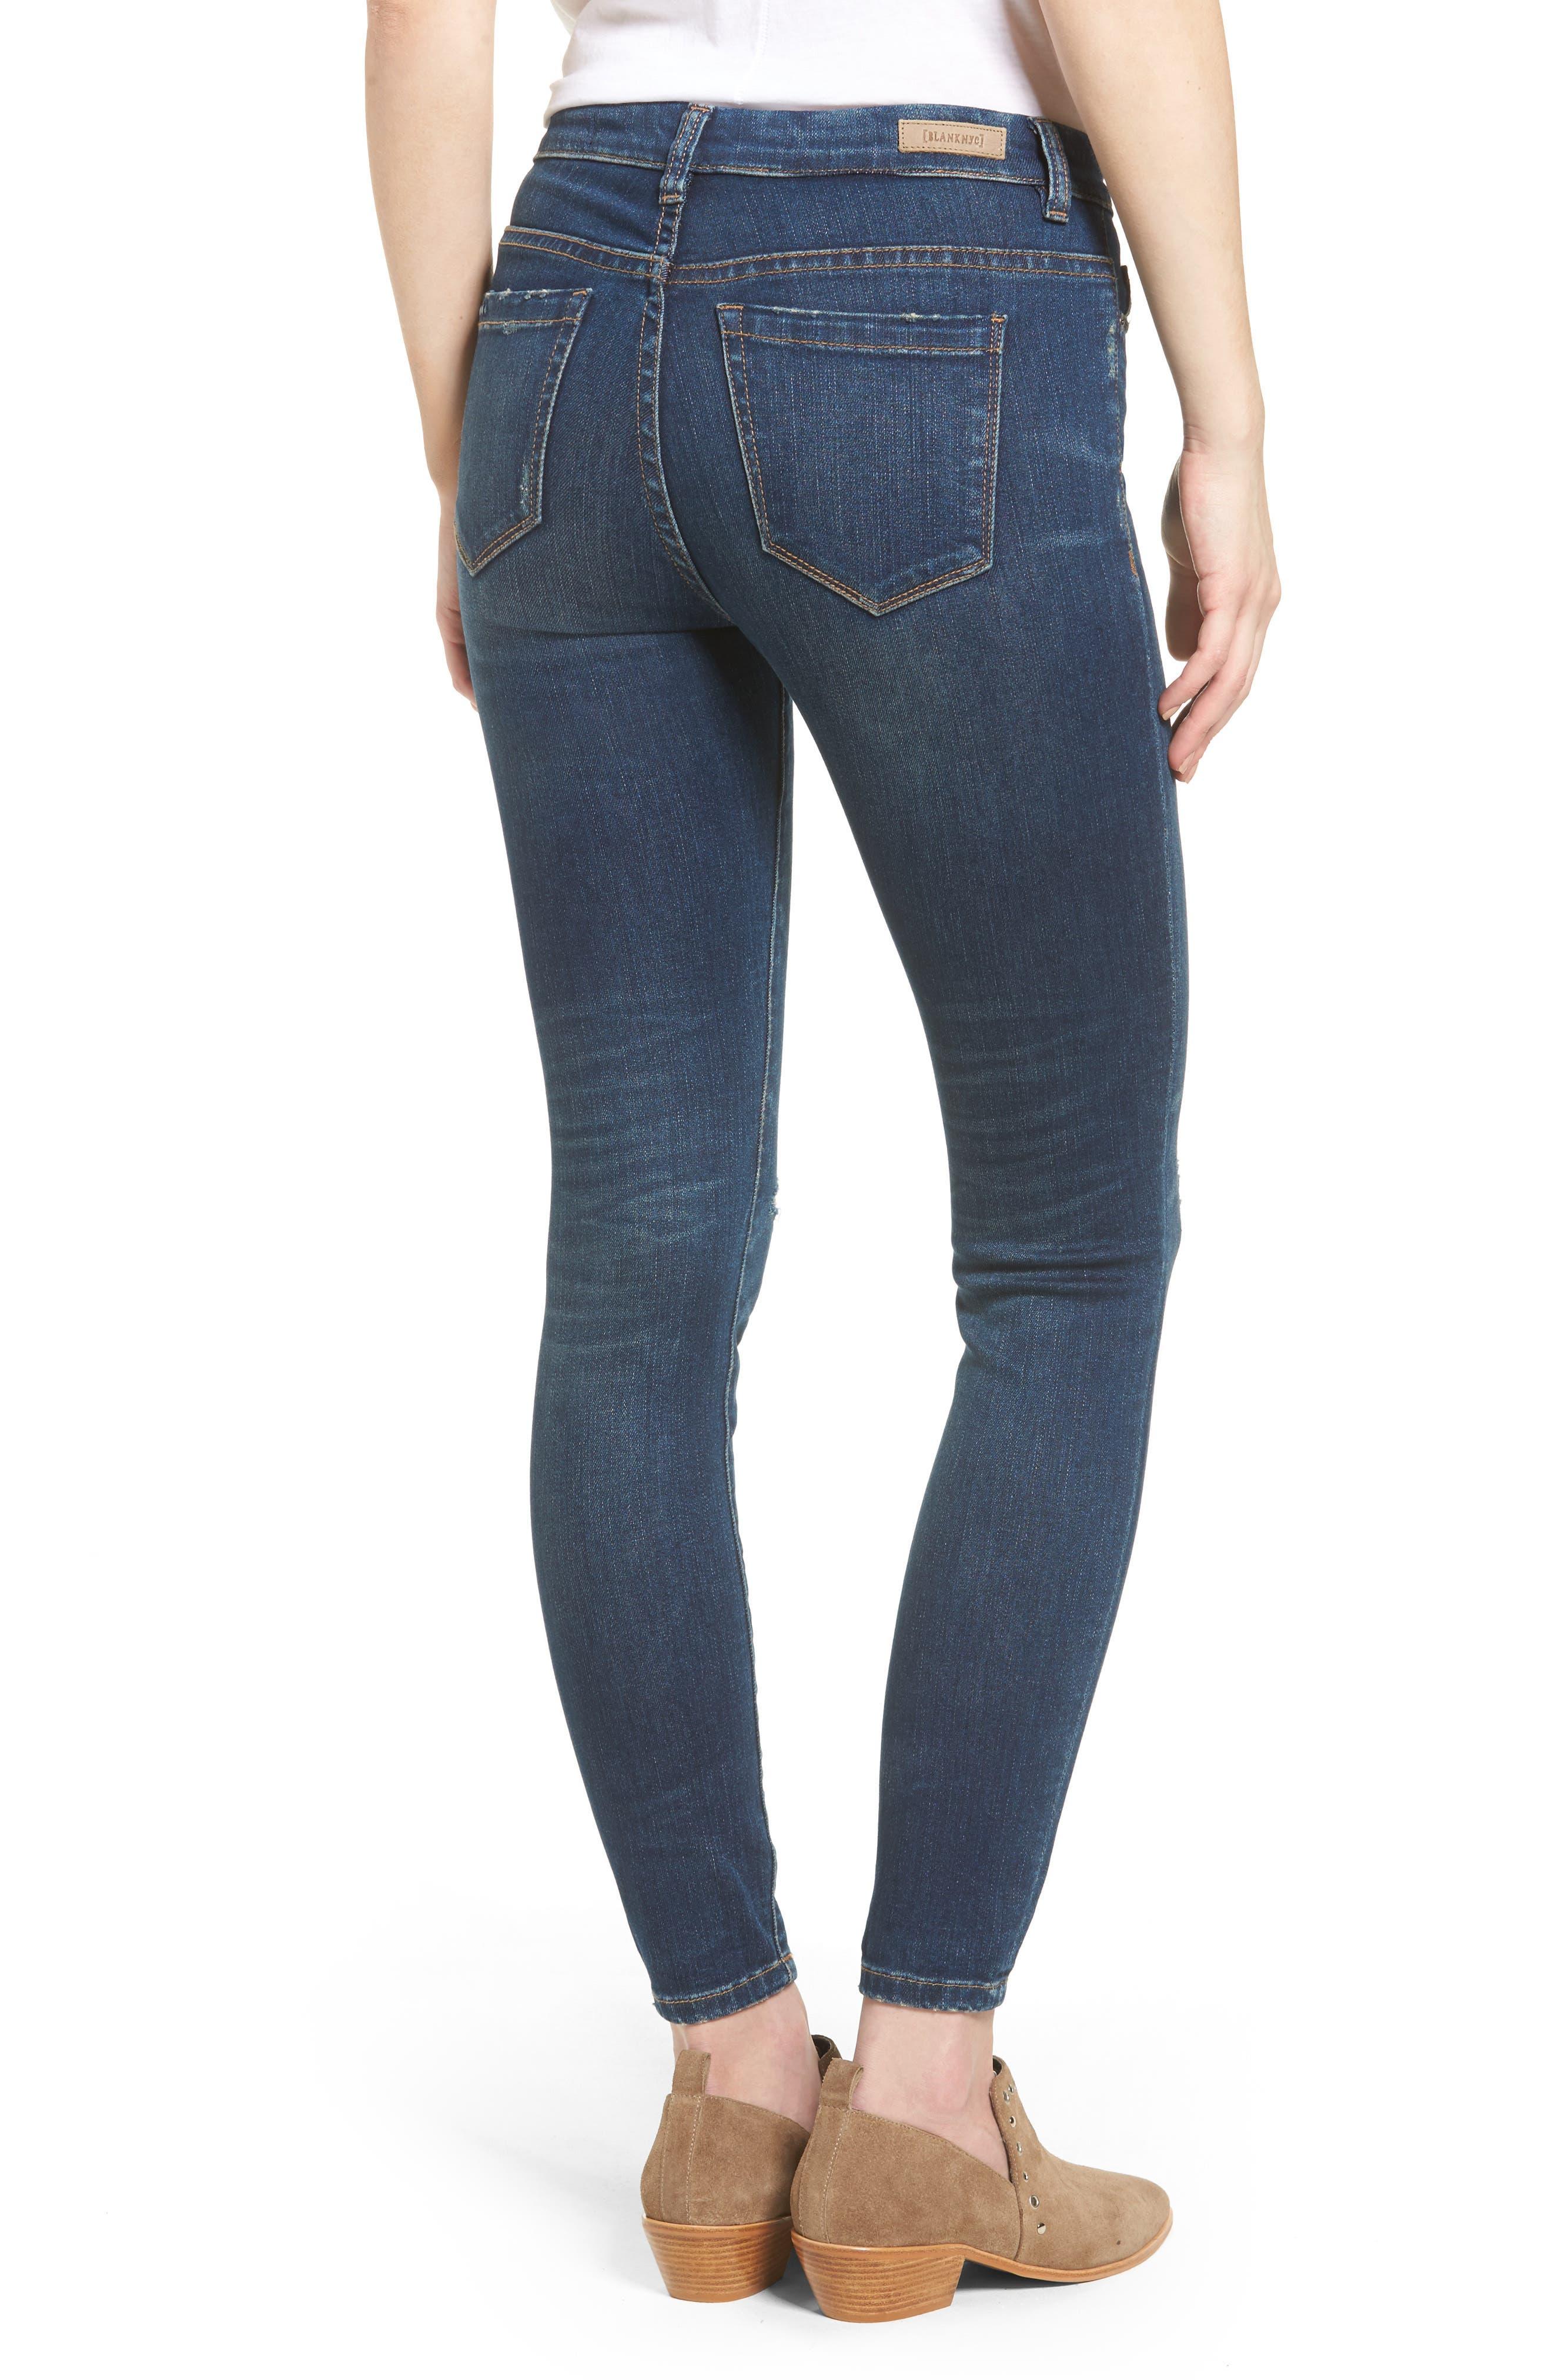 Mens jeans design legends jeans - Mens Jeans Design Legends Jeans 39